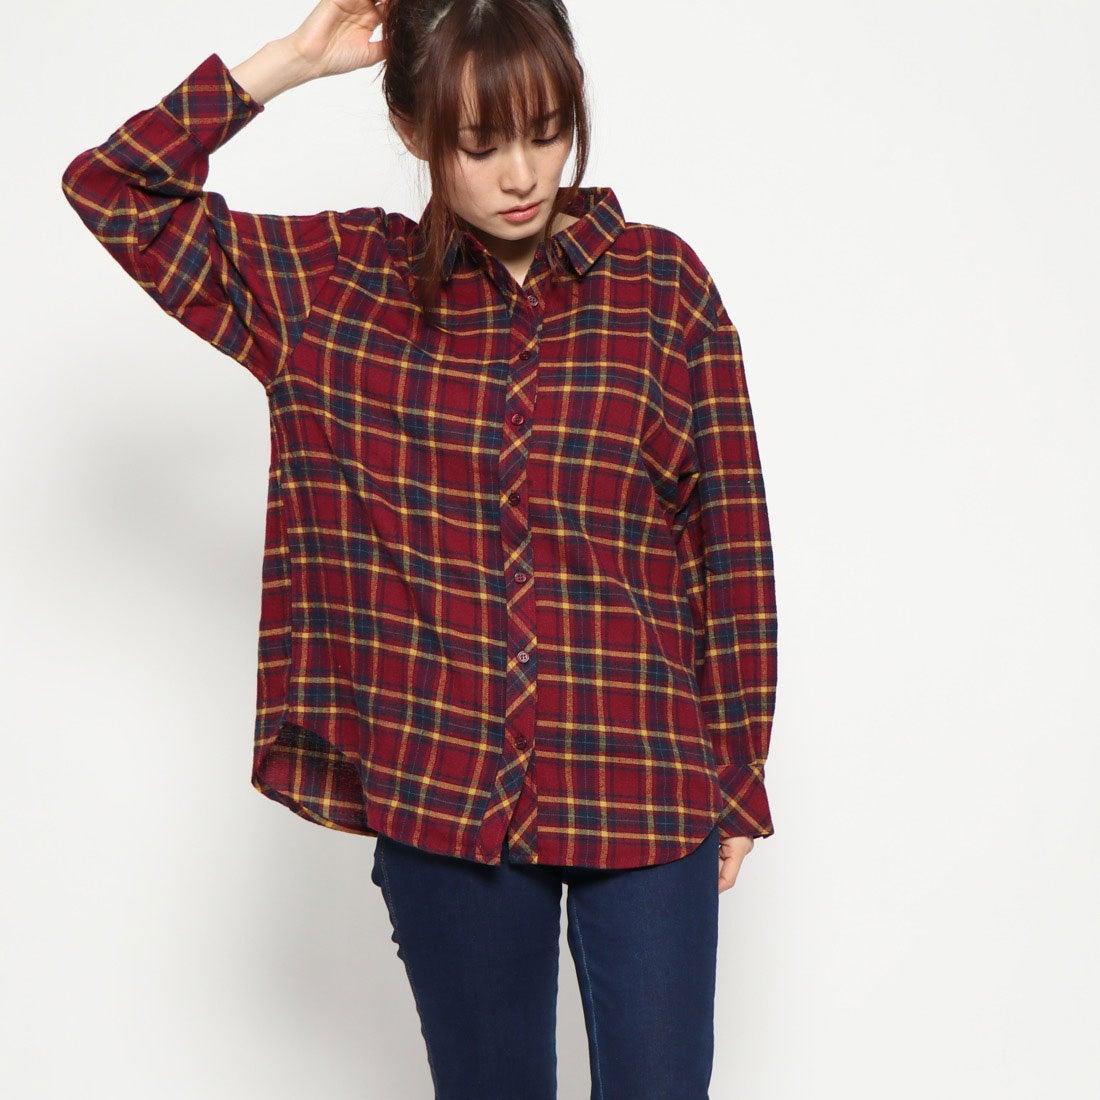 c20d3064fb368 フューティアランド Futier Land 3wayチェックシャツ (ワインレッド) -レディースファッション通販 ロコンドガールズコレクション  (ロココレ)